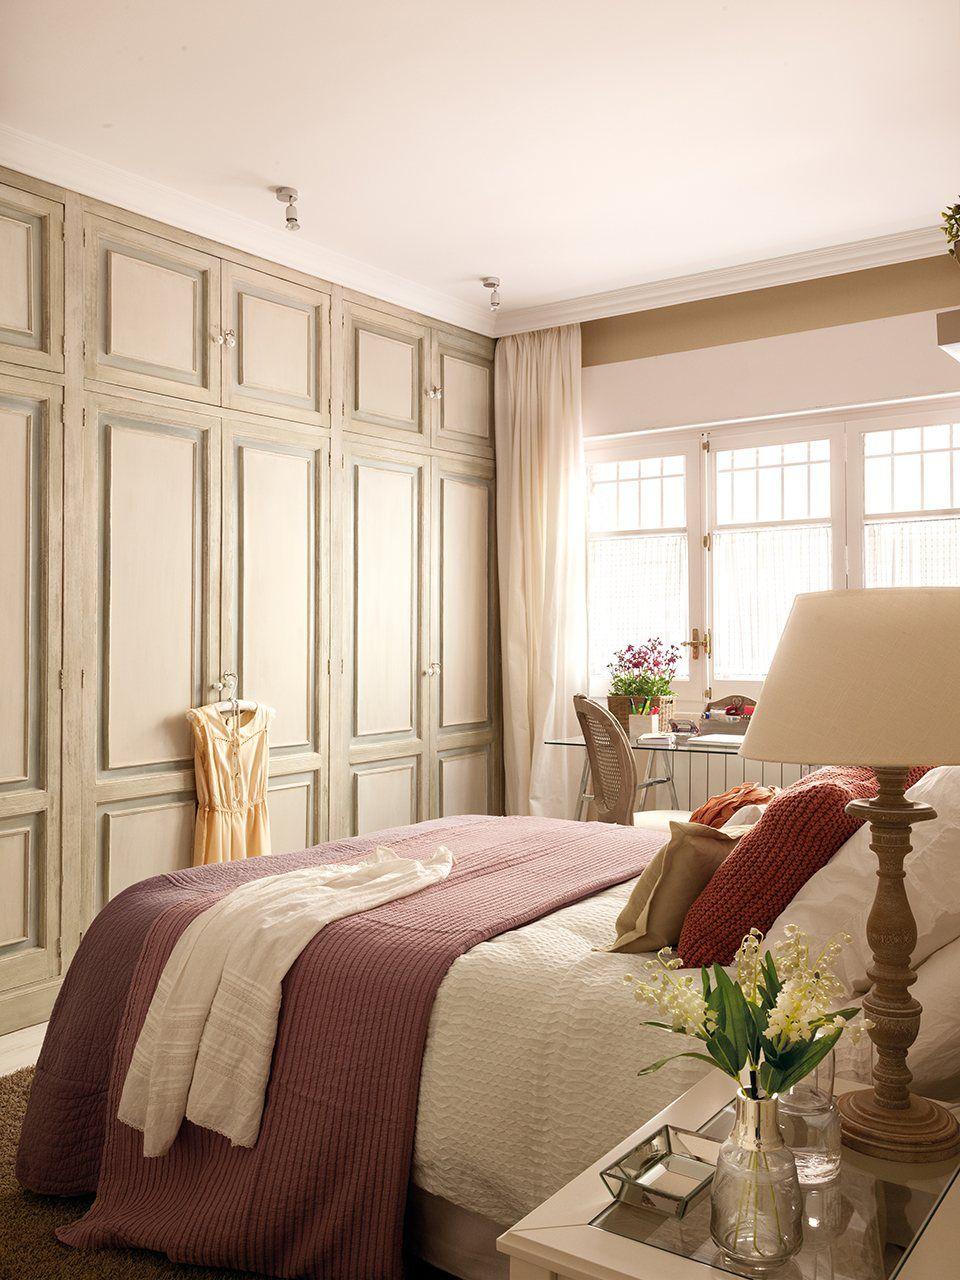 Una Casa Con Papel Protagonista Dormitorios Decoraciones De Dormitorio Decoracion De Interiores